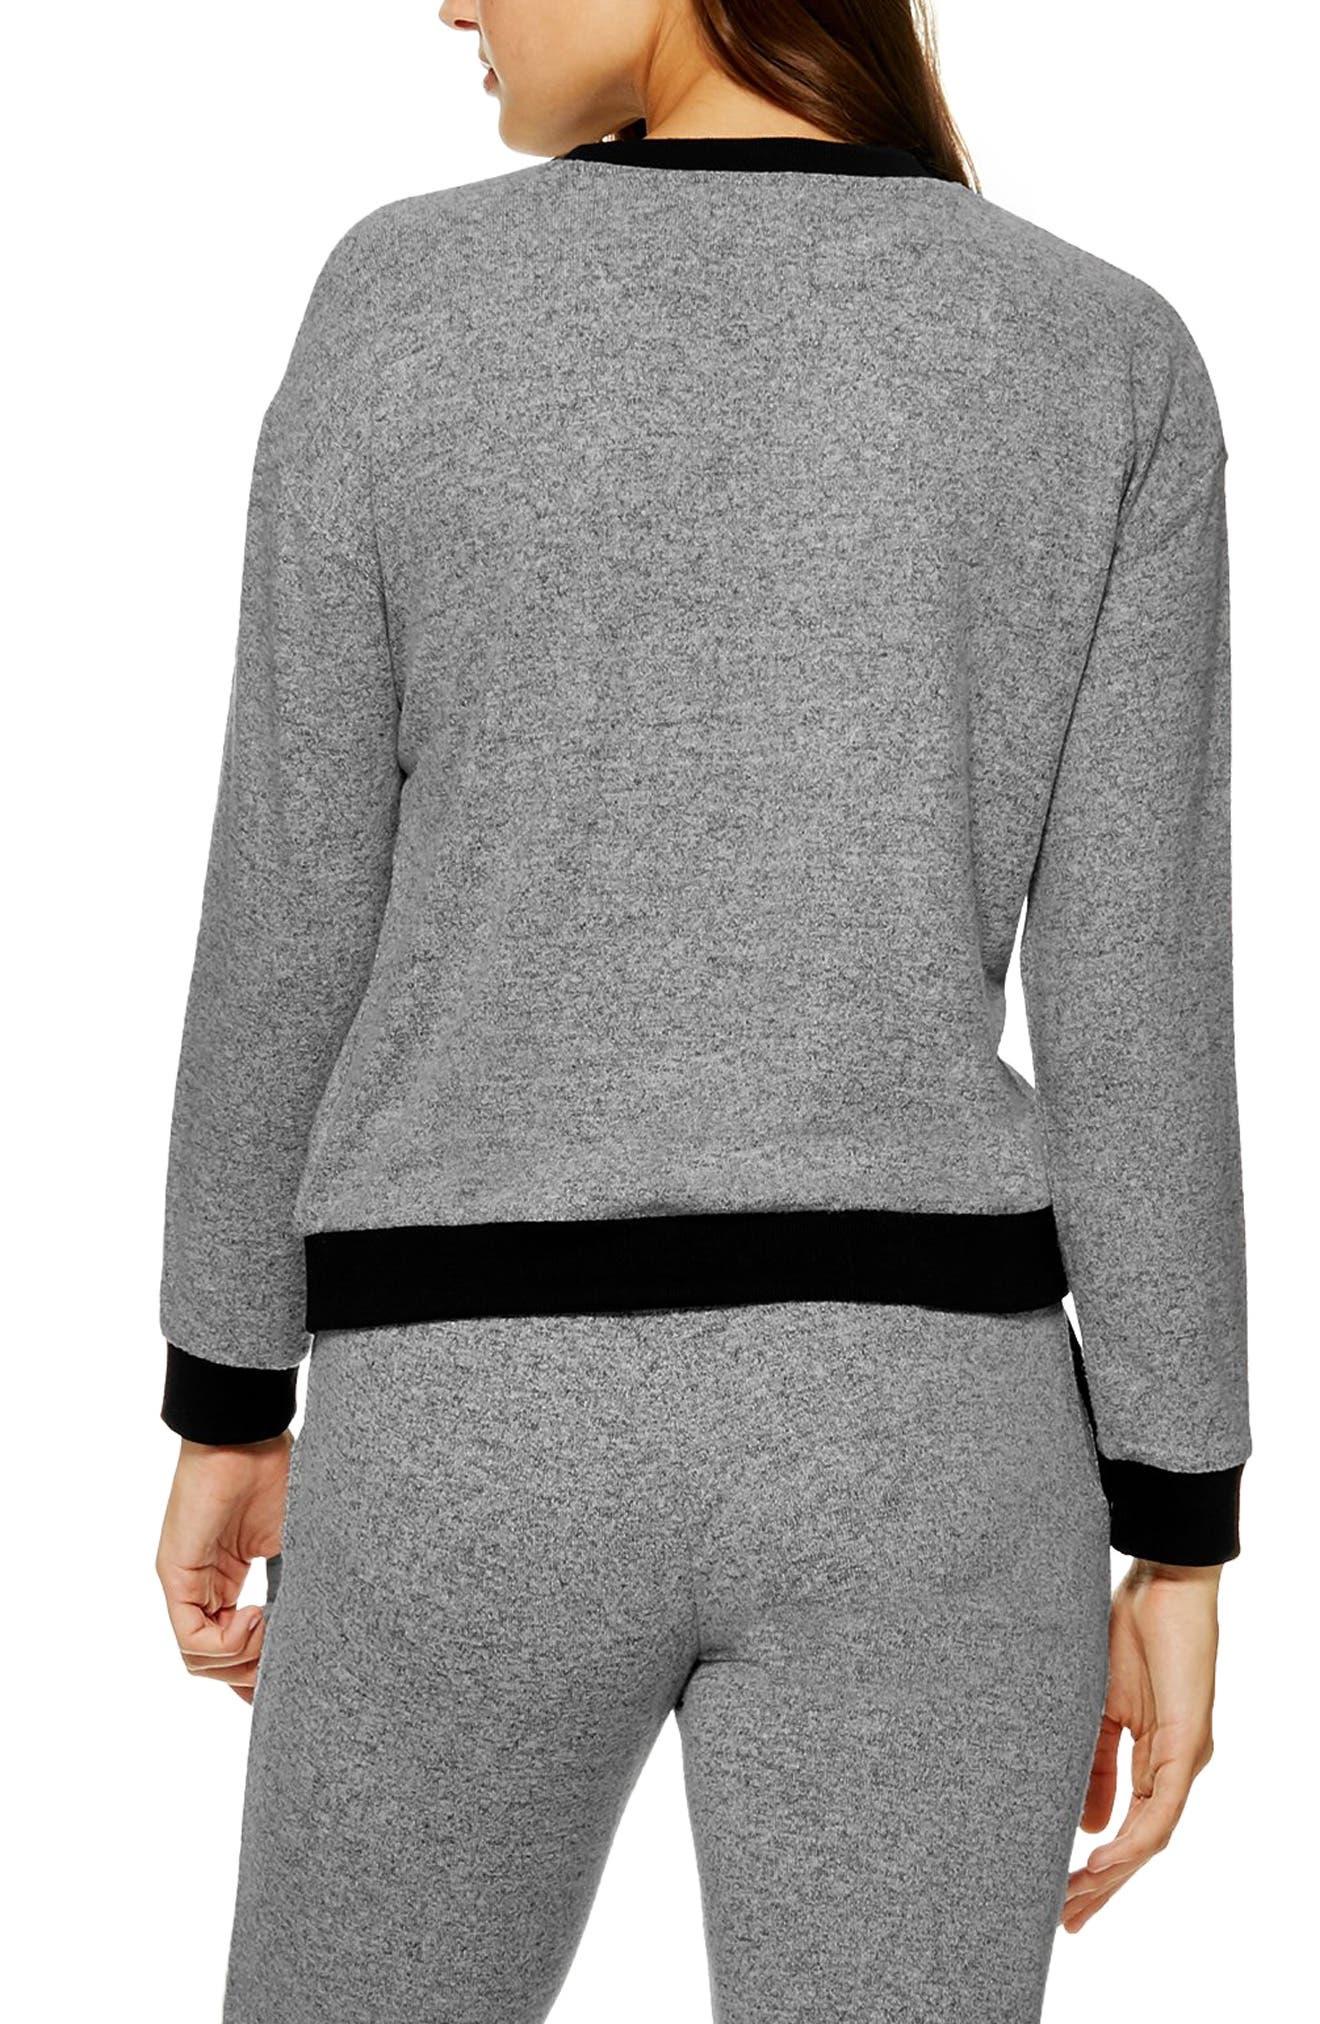 Supersoft Sweatshirt,                             Main thumbnail 1, color,                             GREY MARL